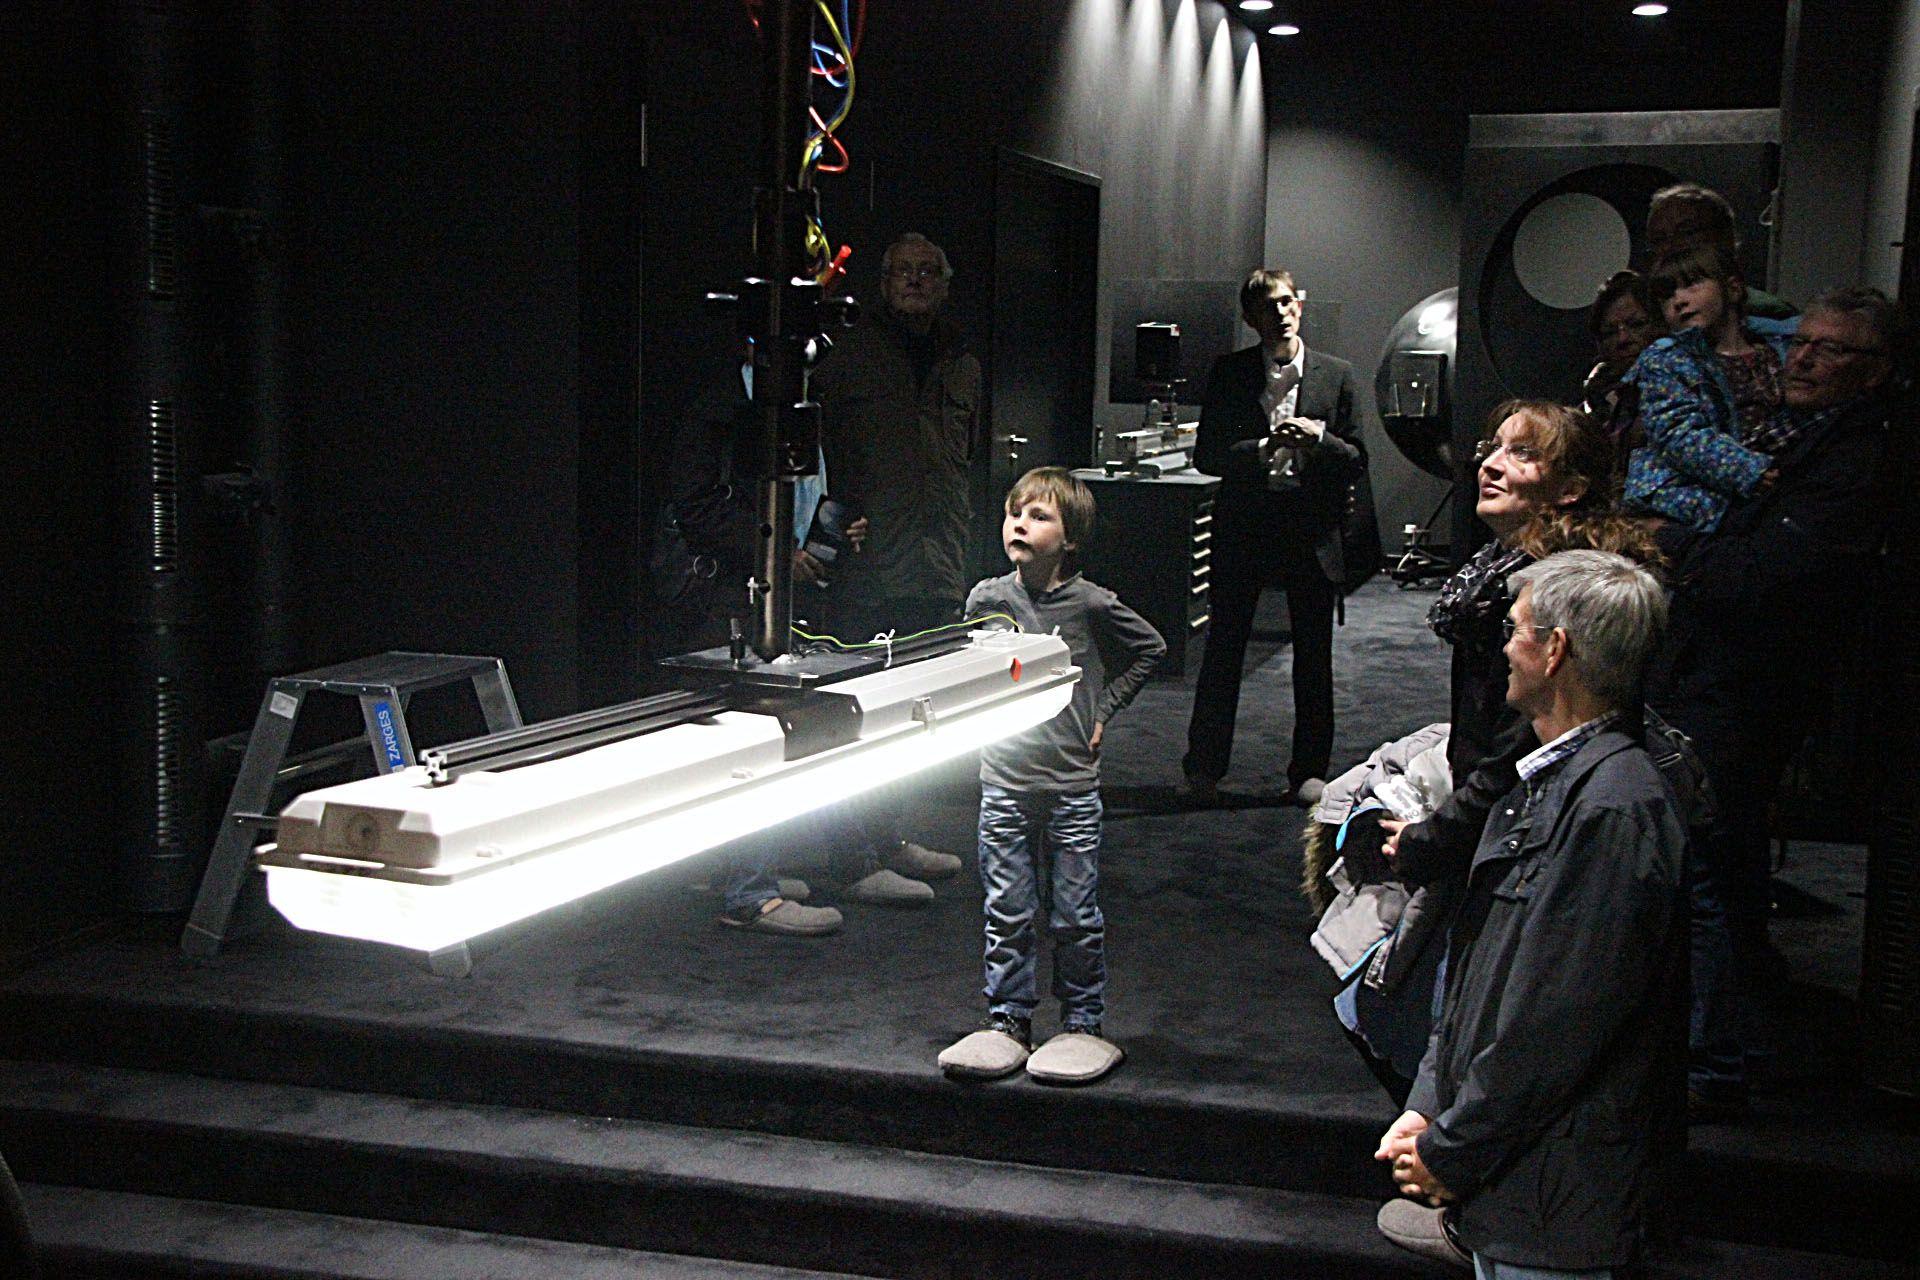 Lucente Sittensen sechs personen in einem atelier indem zwei weiße stehtische stehen